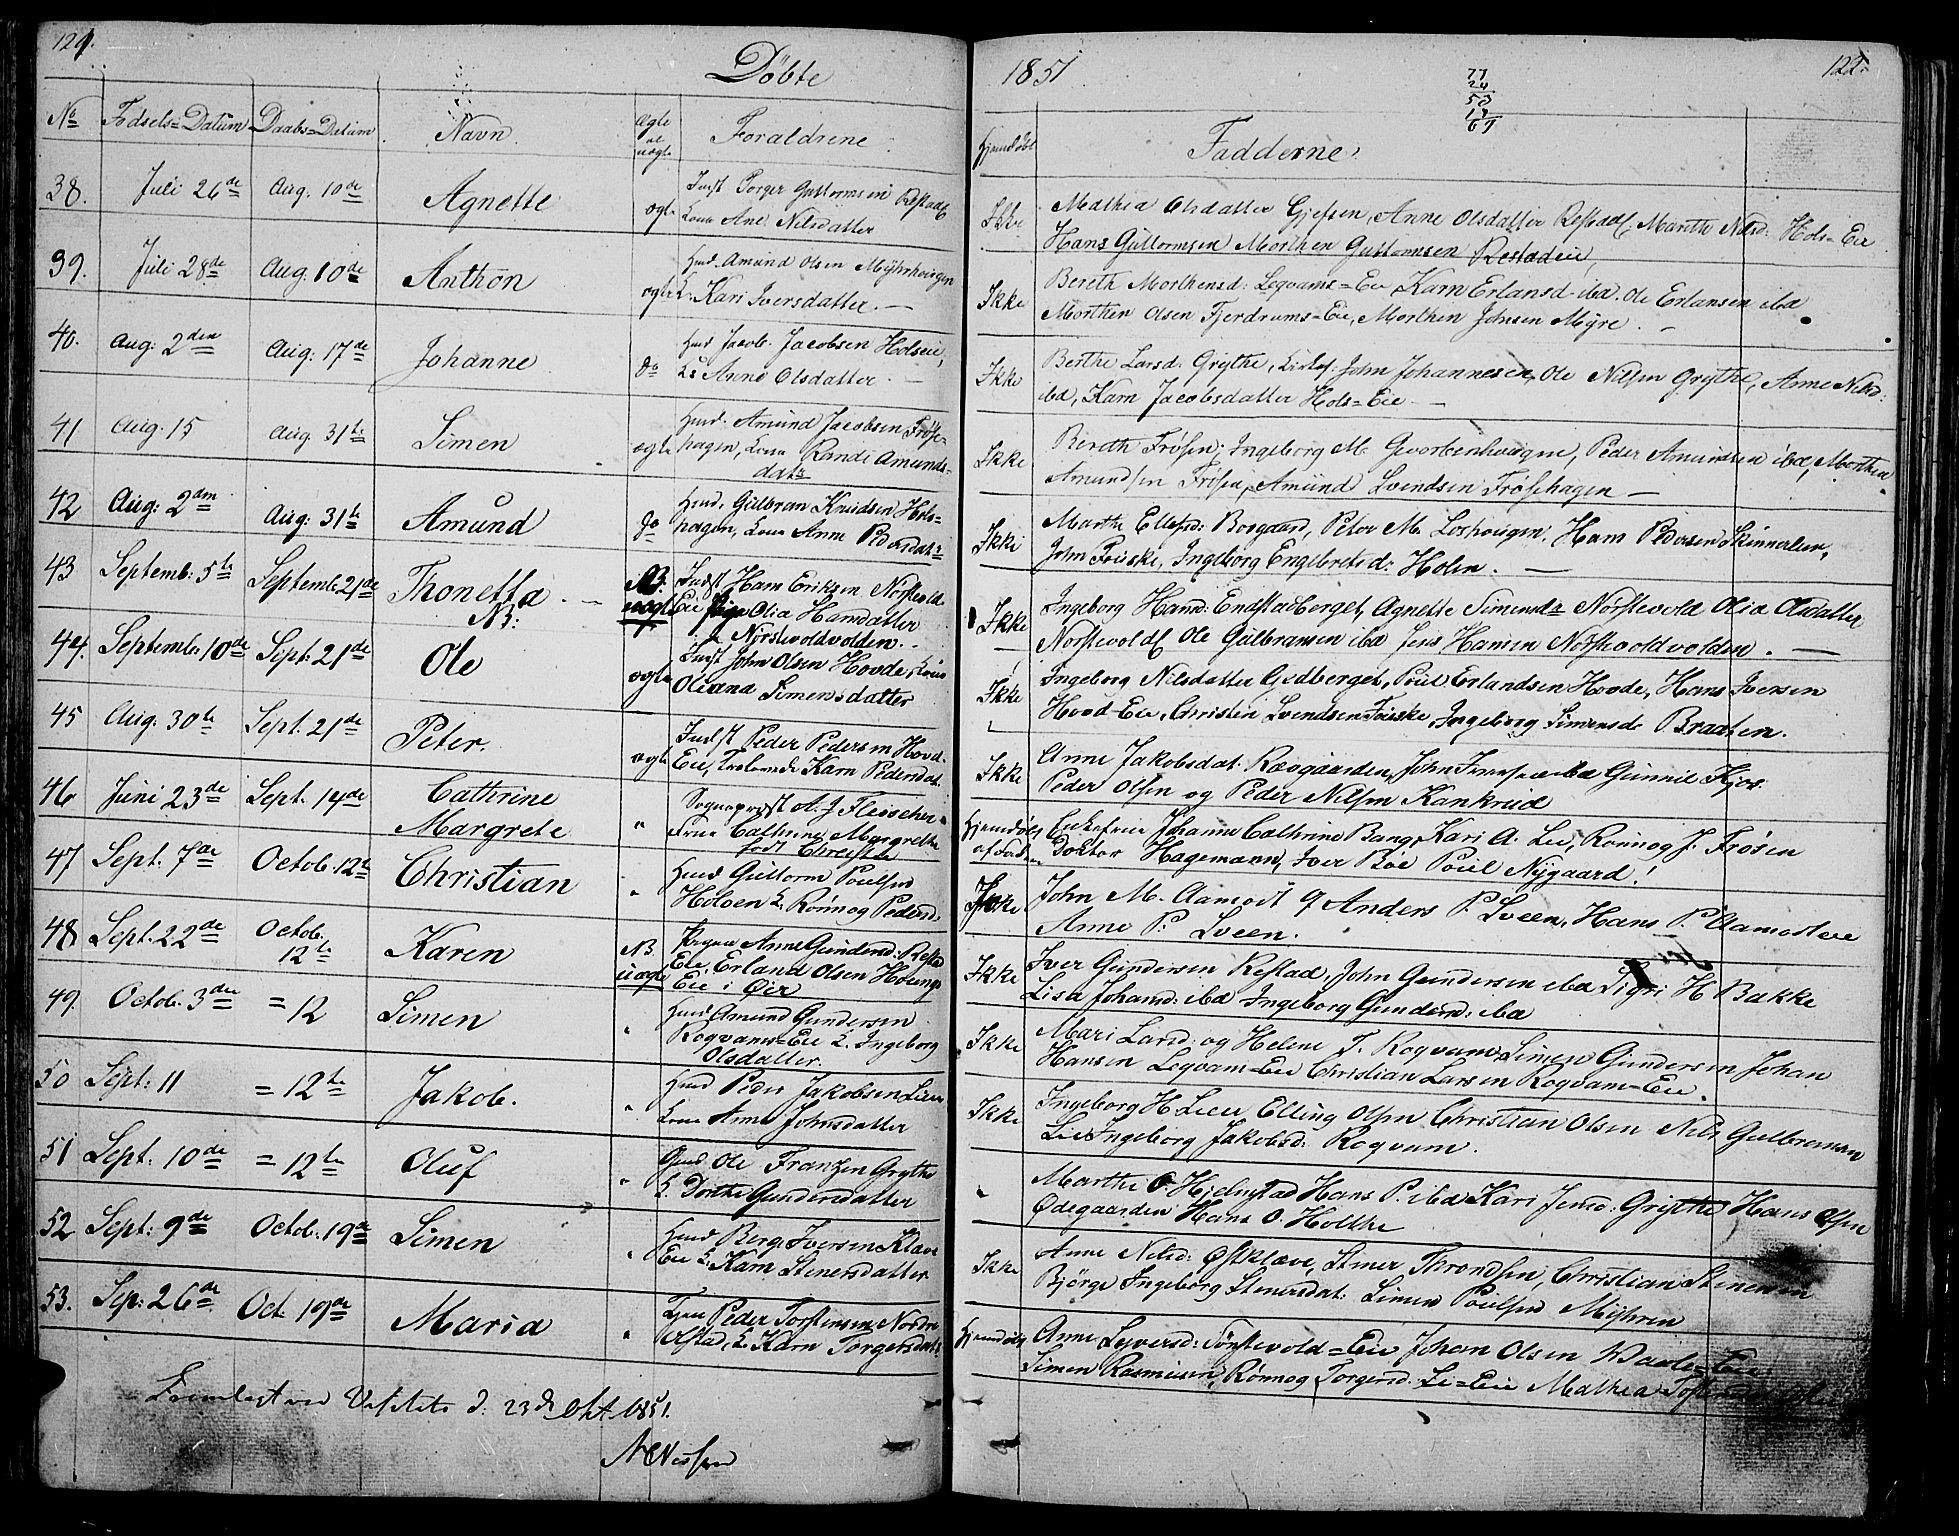 SAH, Gausdal prestekontor, Klokkerbok nr. 3, 1829-1864, s. 121-122